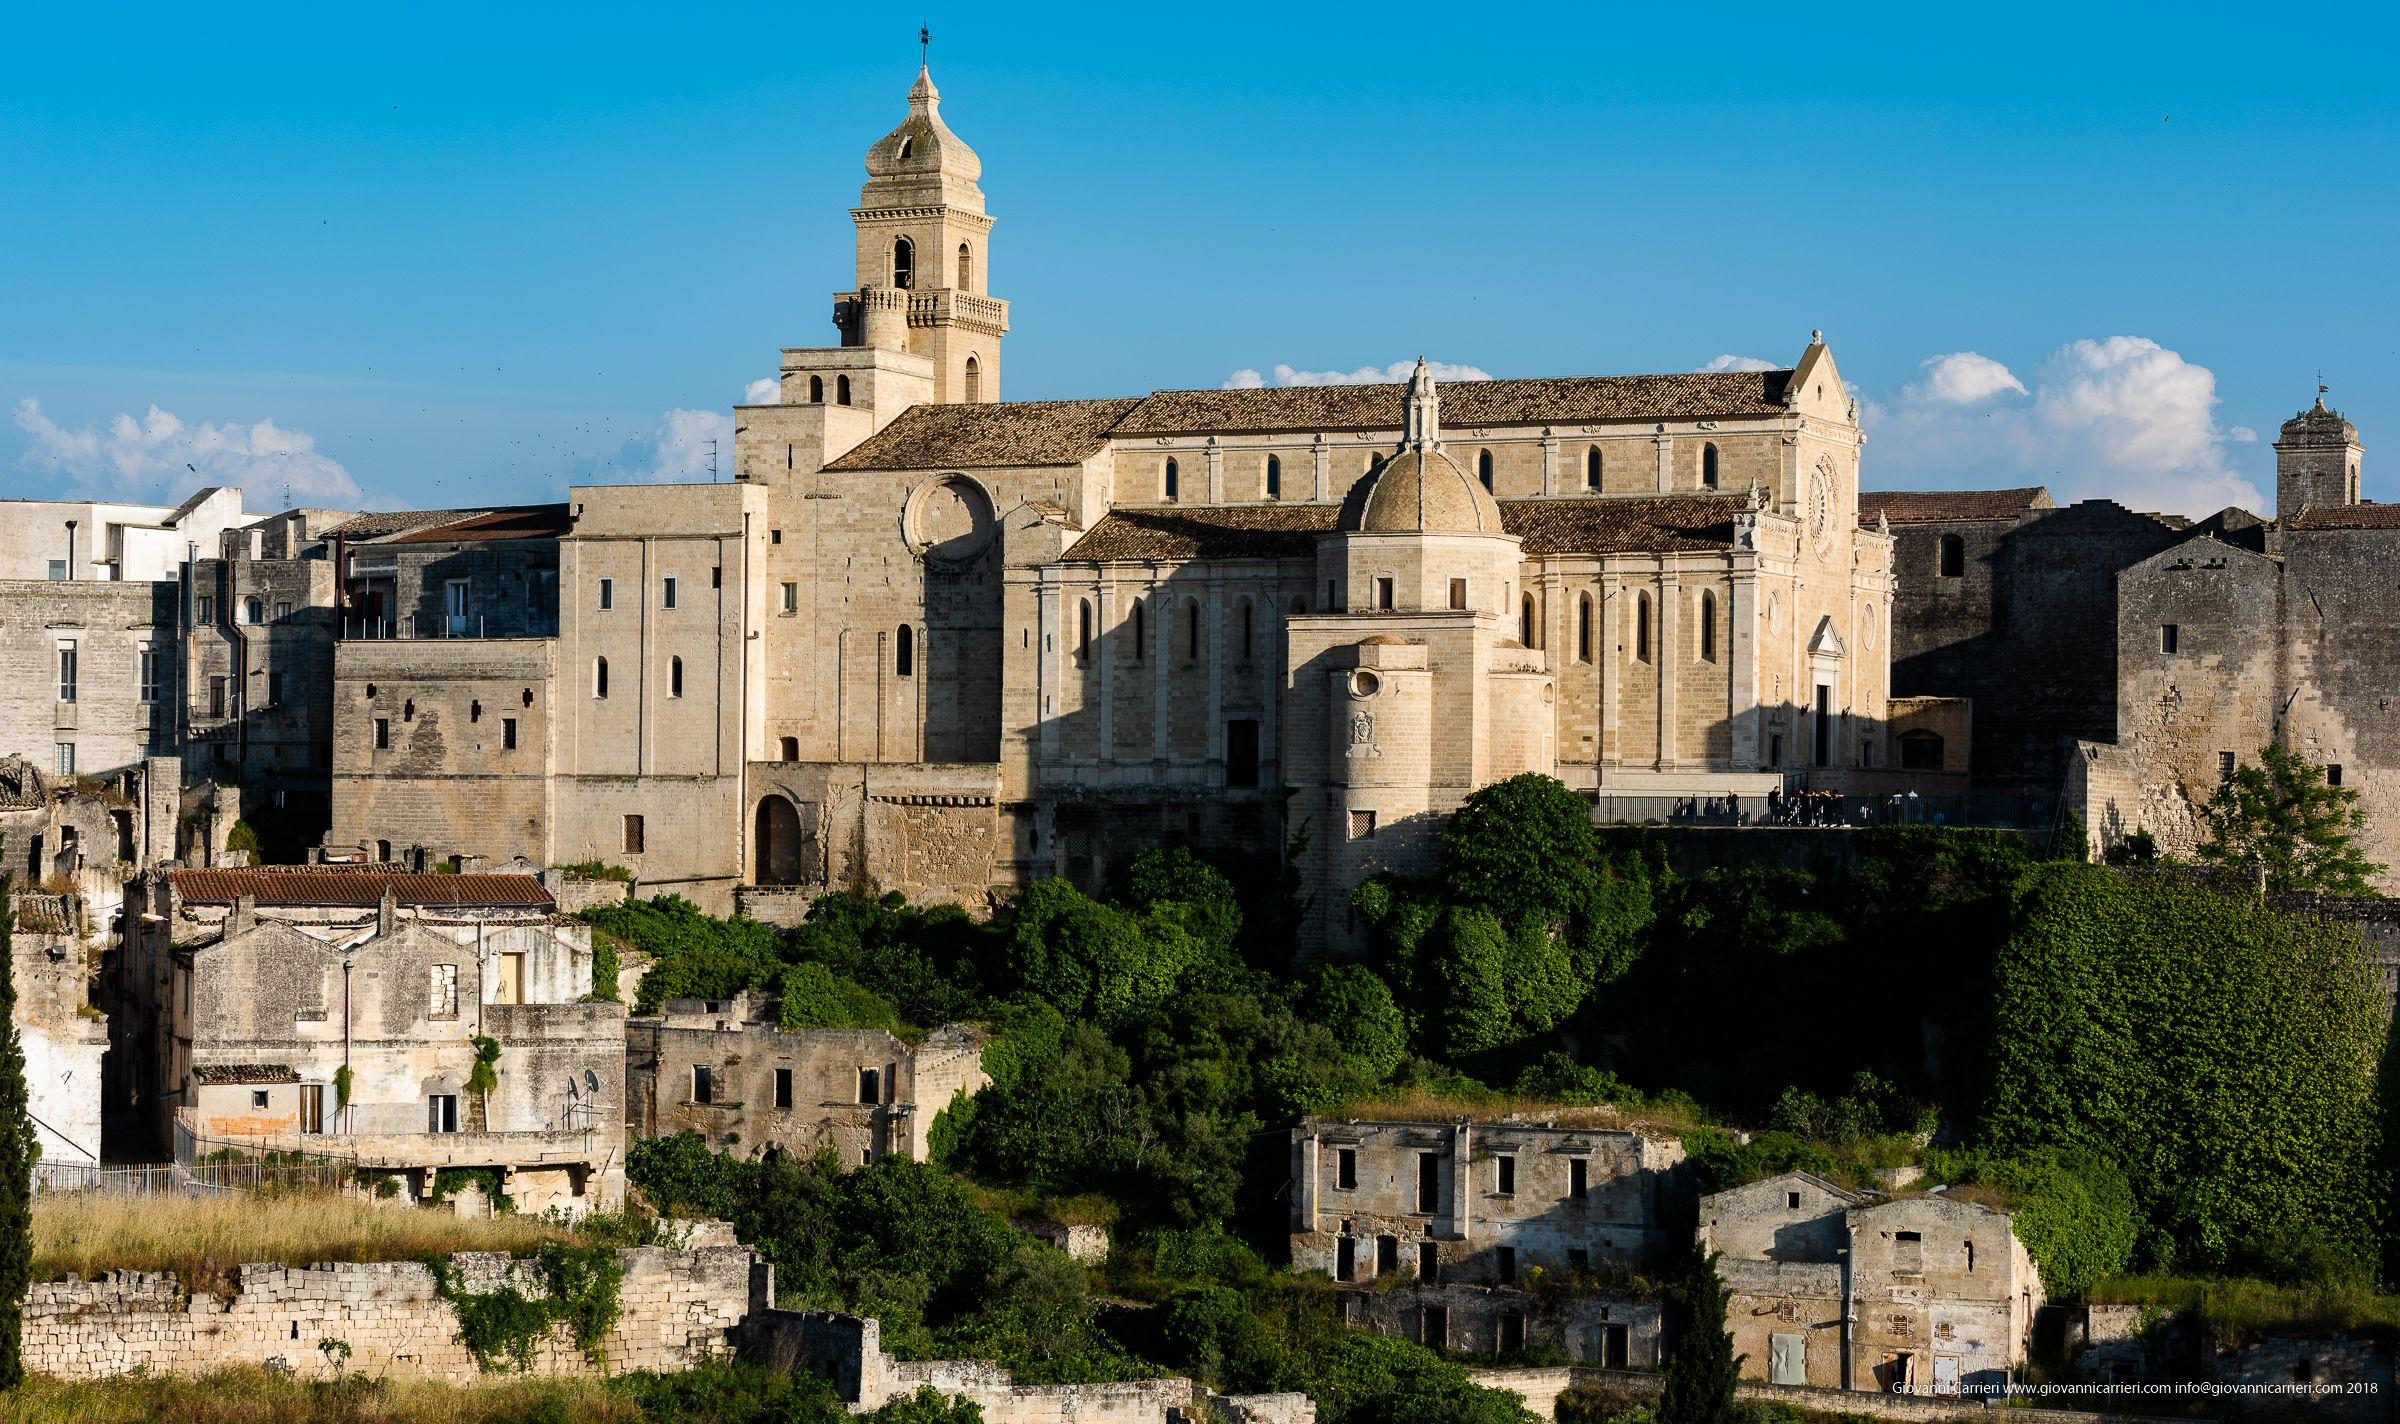 La Cattedrale di Gravina in Puglia